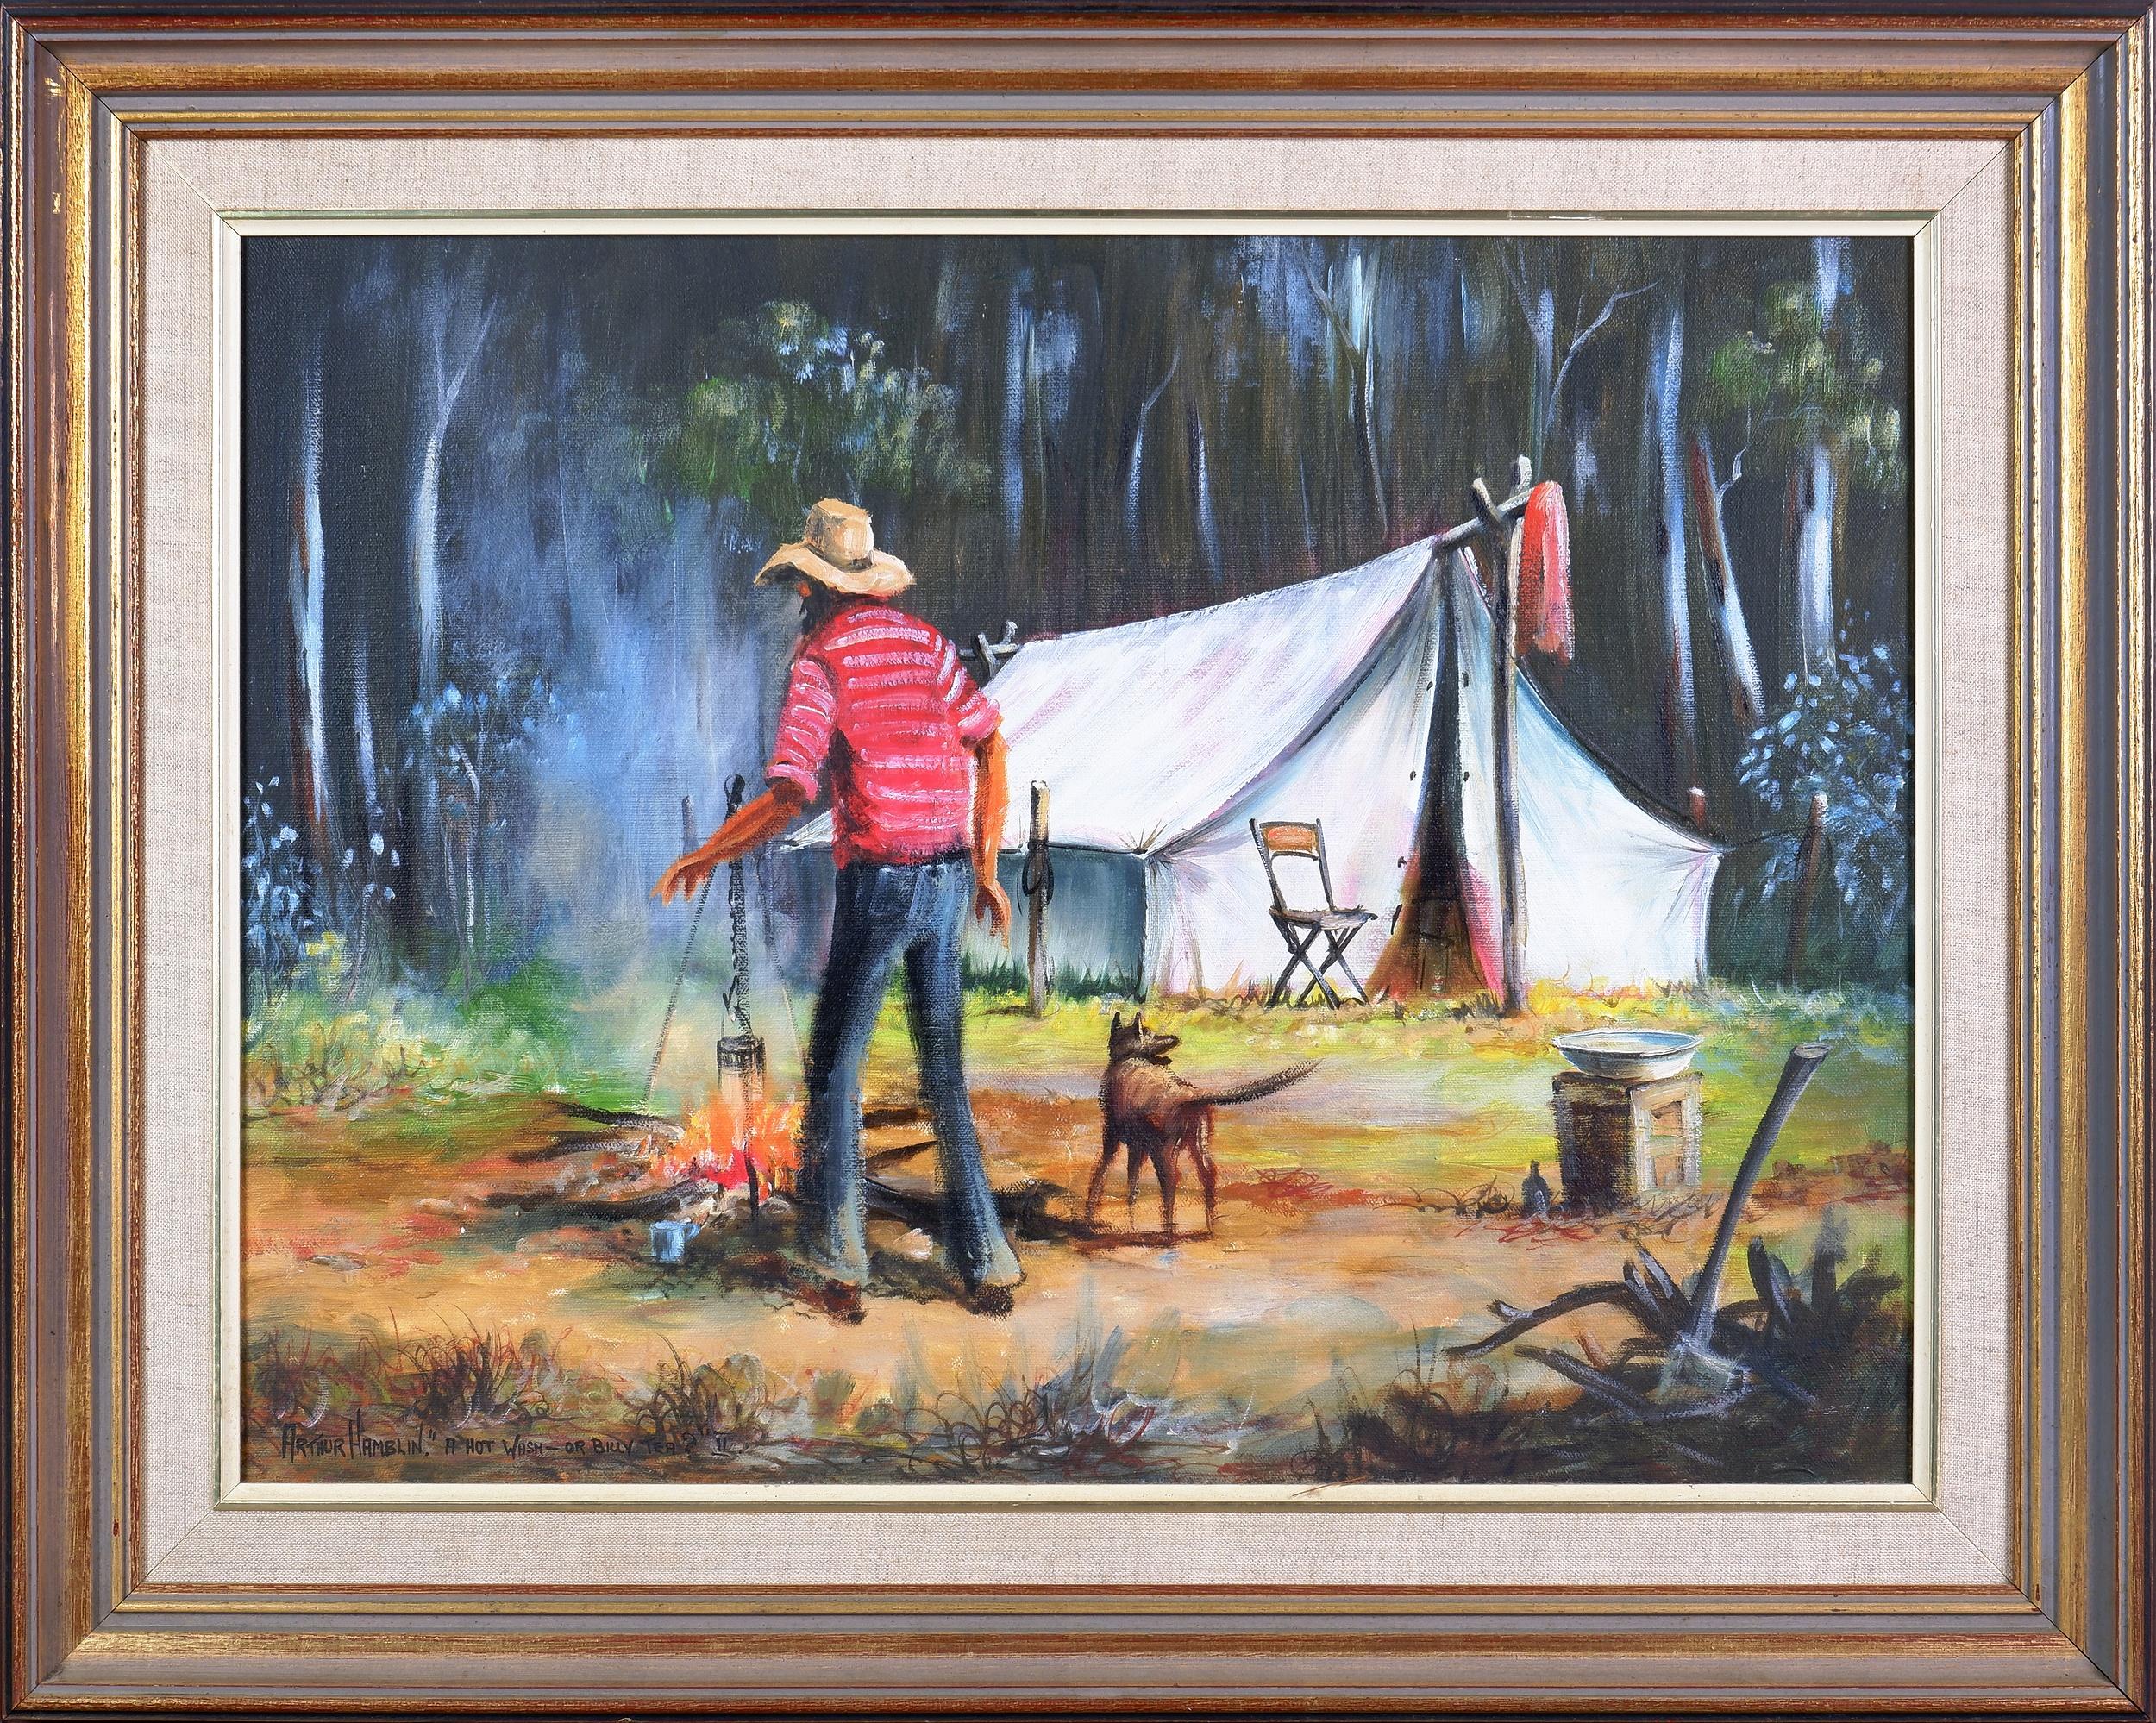 'Arthur Hamblin (born 1933), A Hot Wash or Billy Tea? II 1983, Oil On Canvas, 44 x 56 cm'